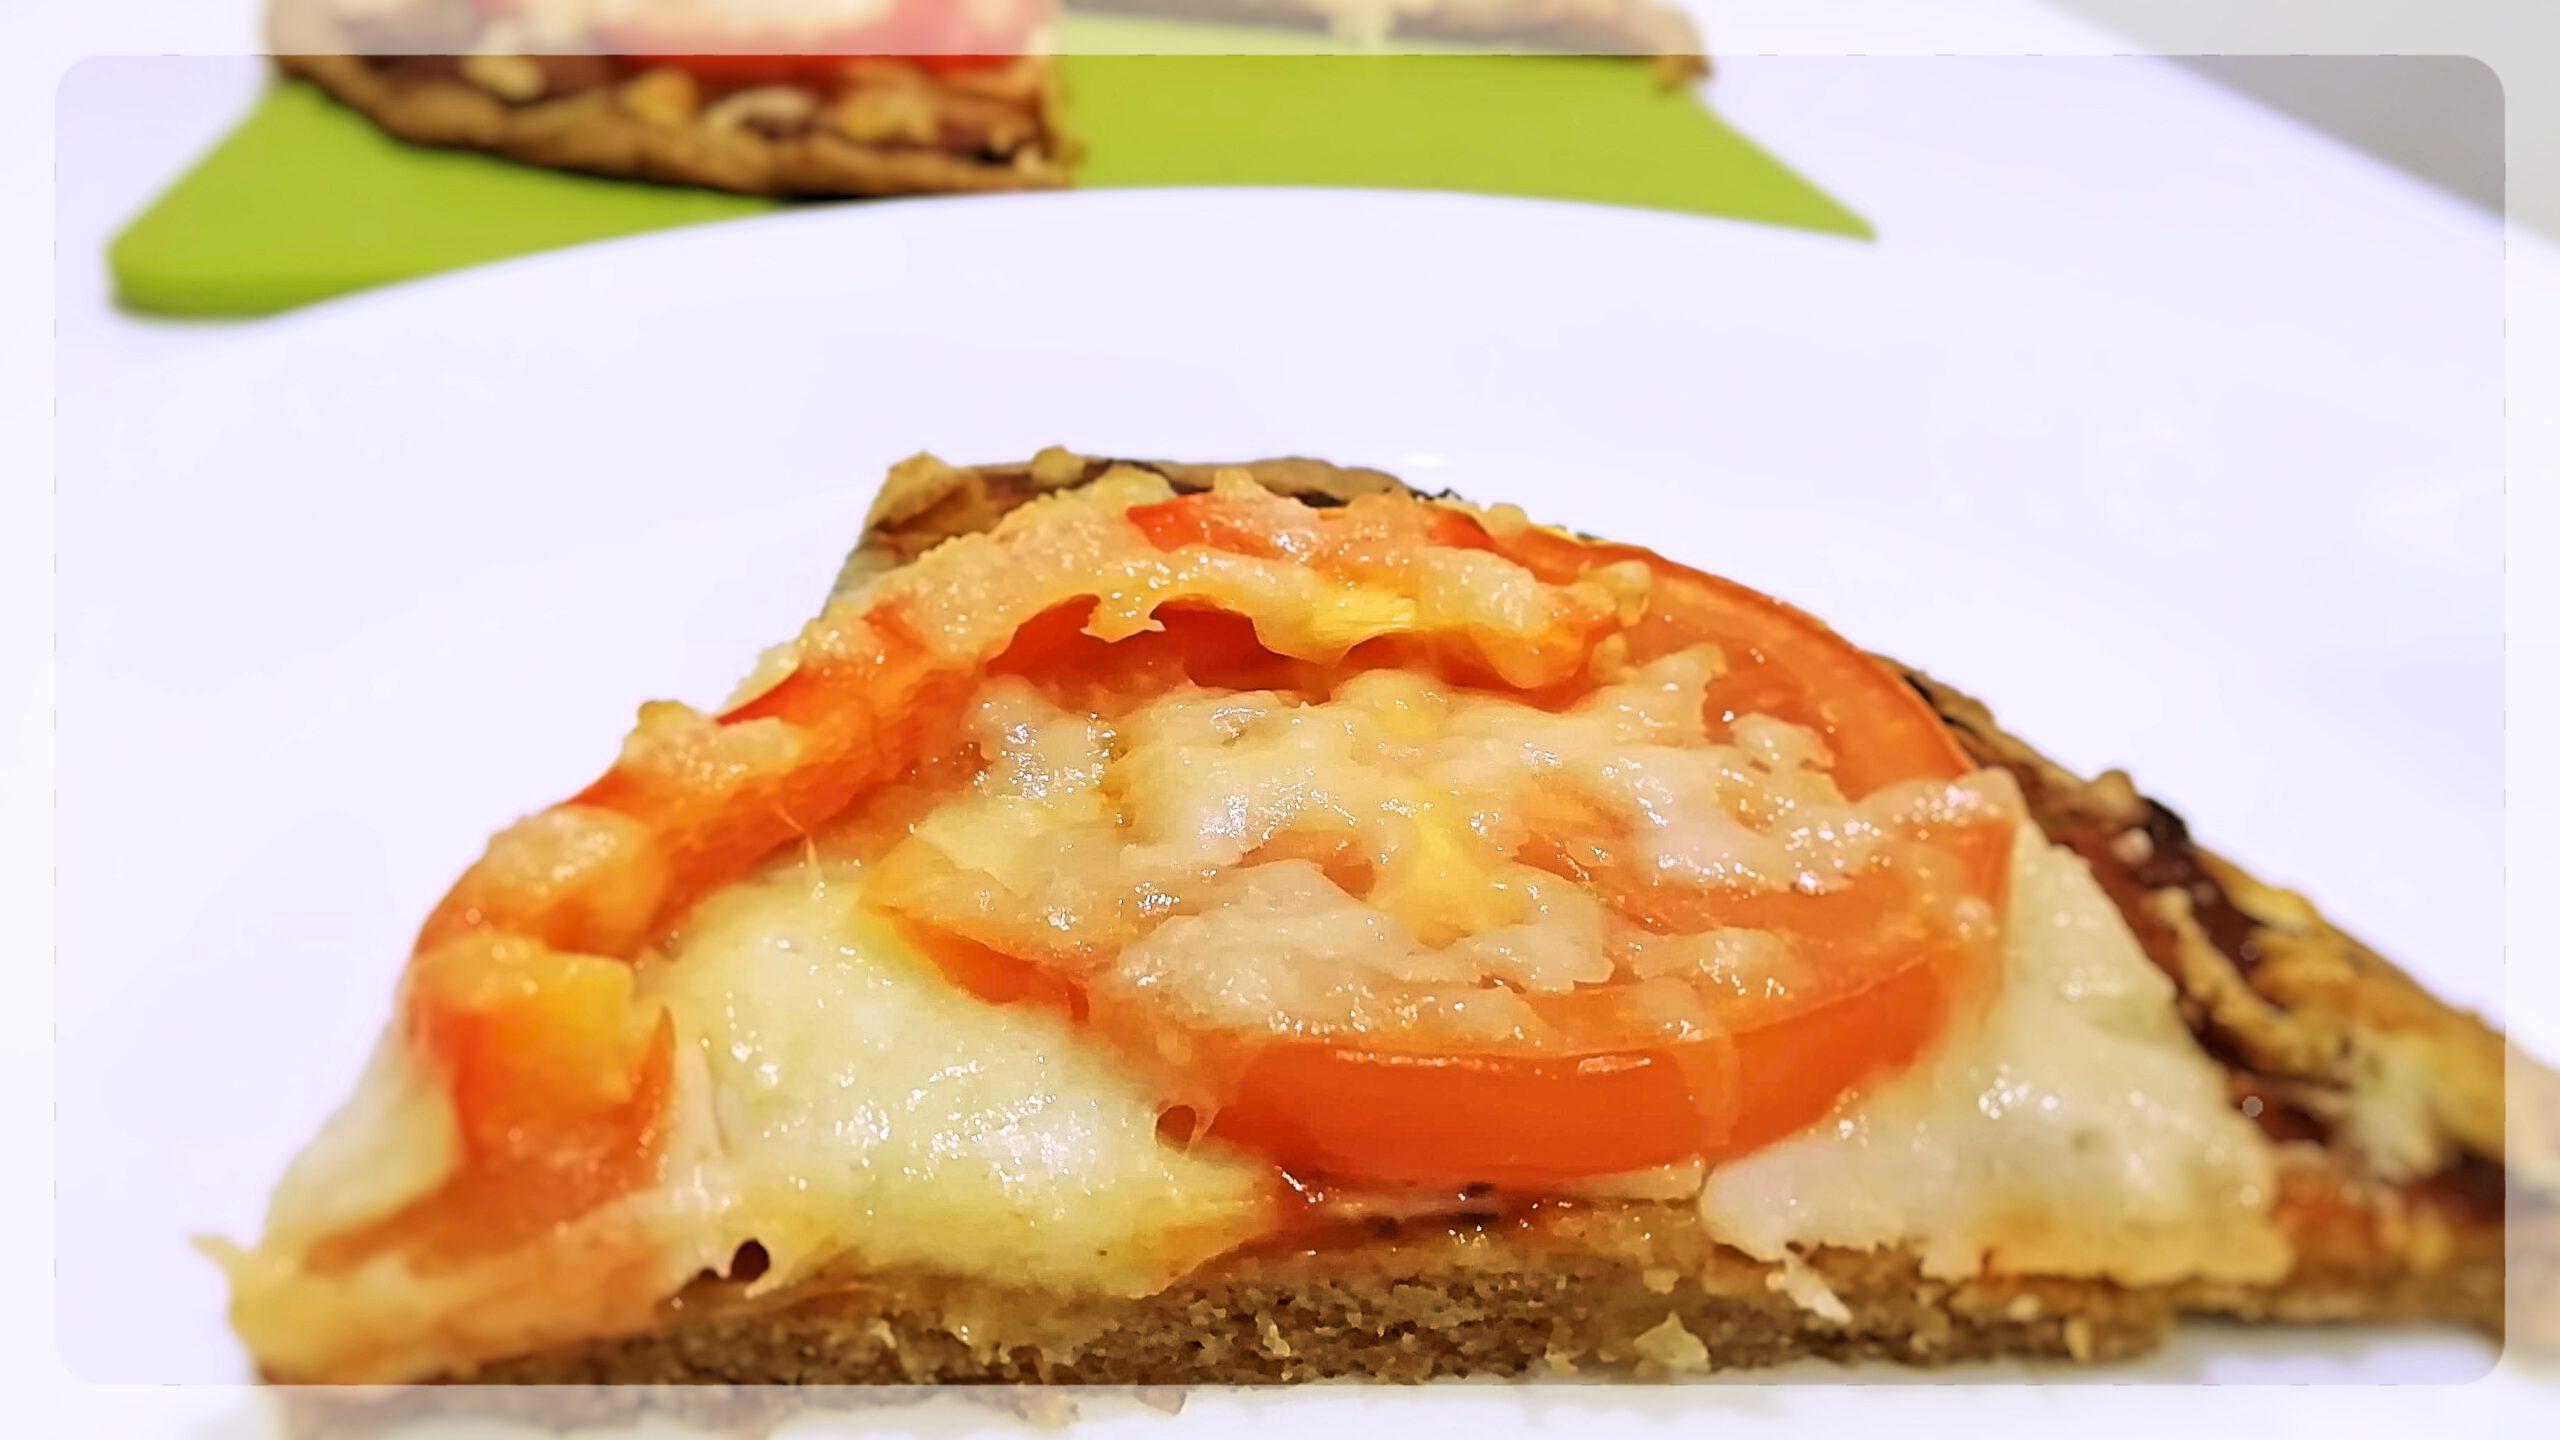 Odchudzona wersja tradycyjnej pizzy